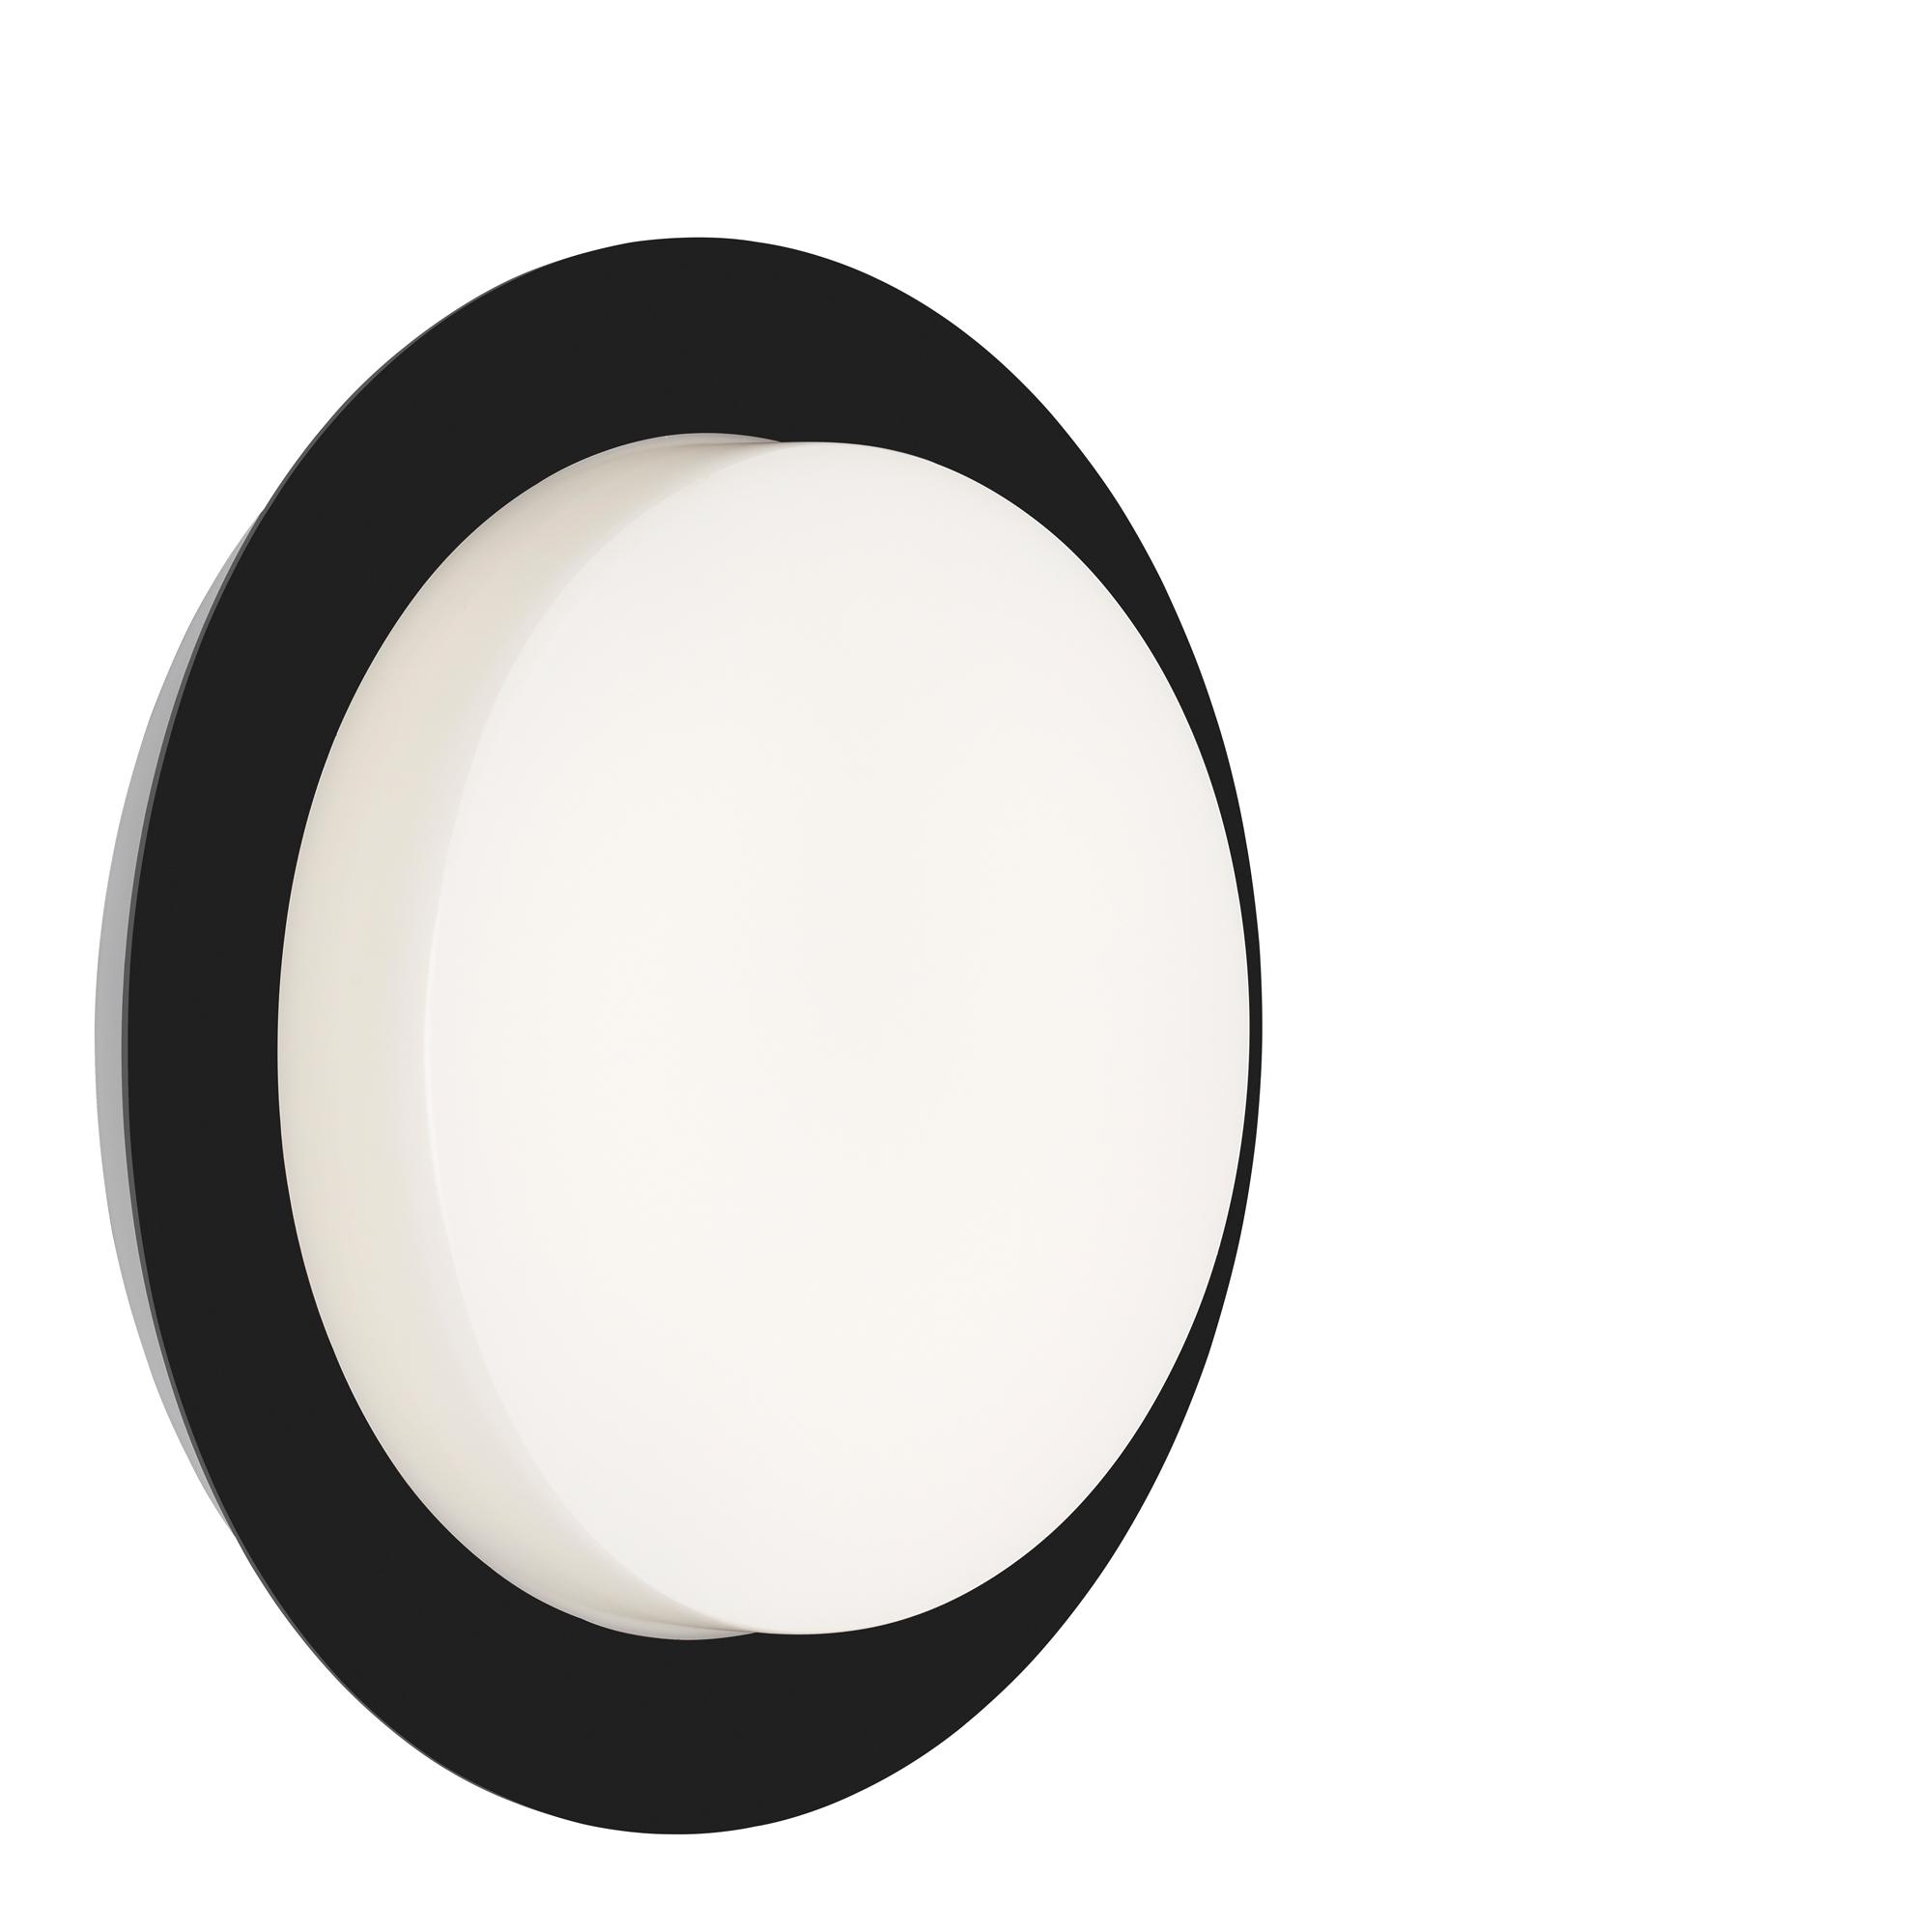 TELEFUNKEN LED Außenwandleuchte, Ø 30 cm, 15 W, Schwarz